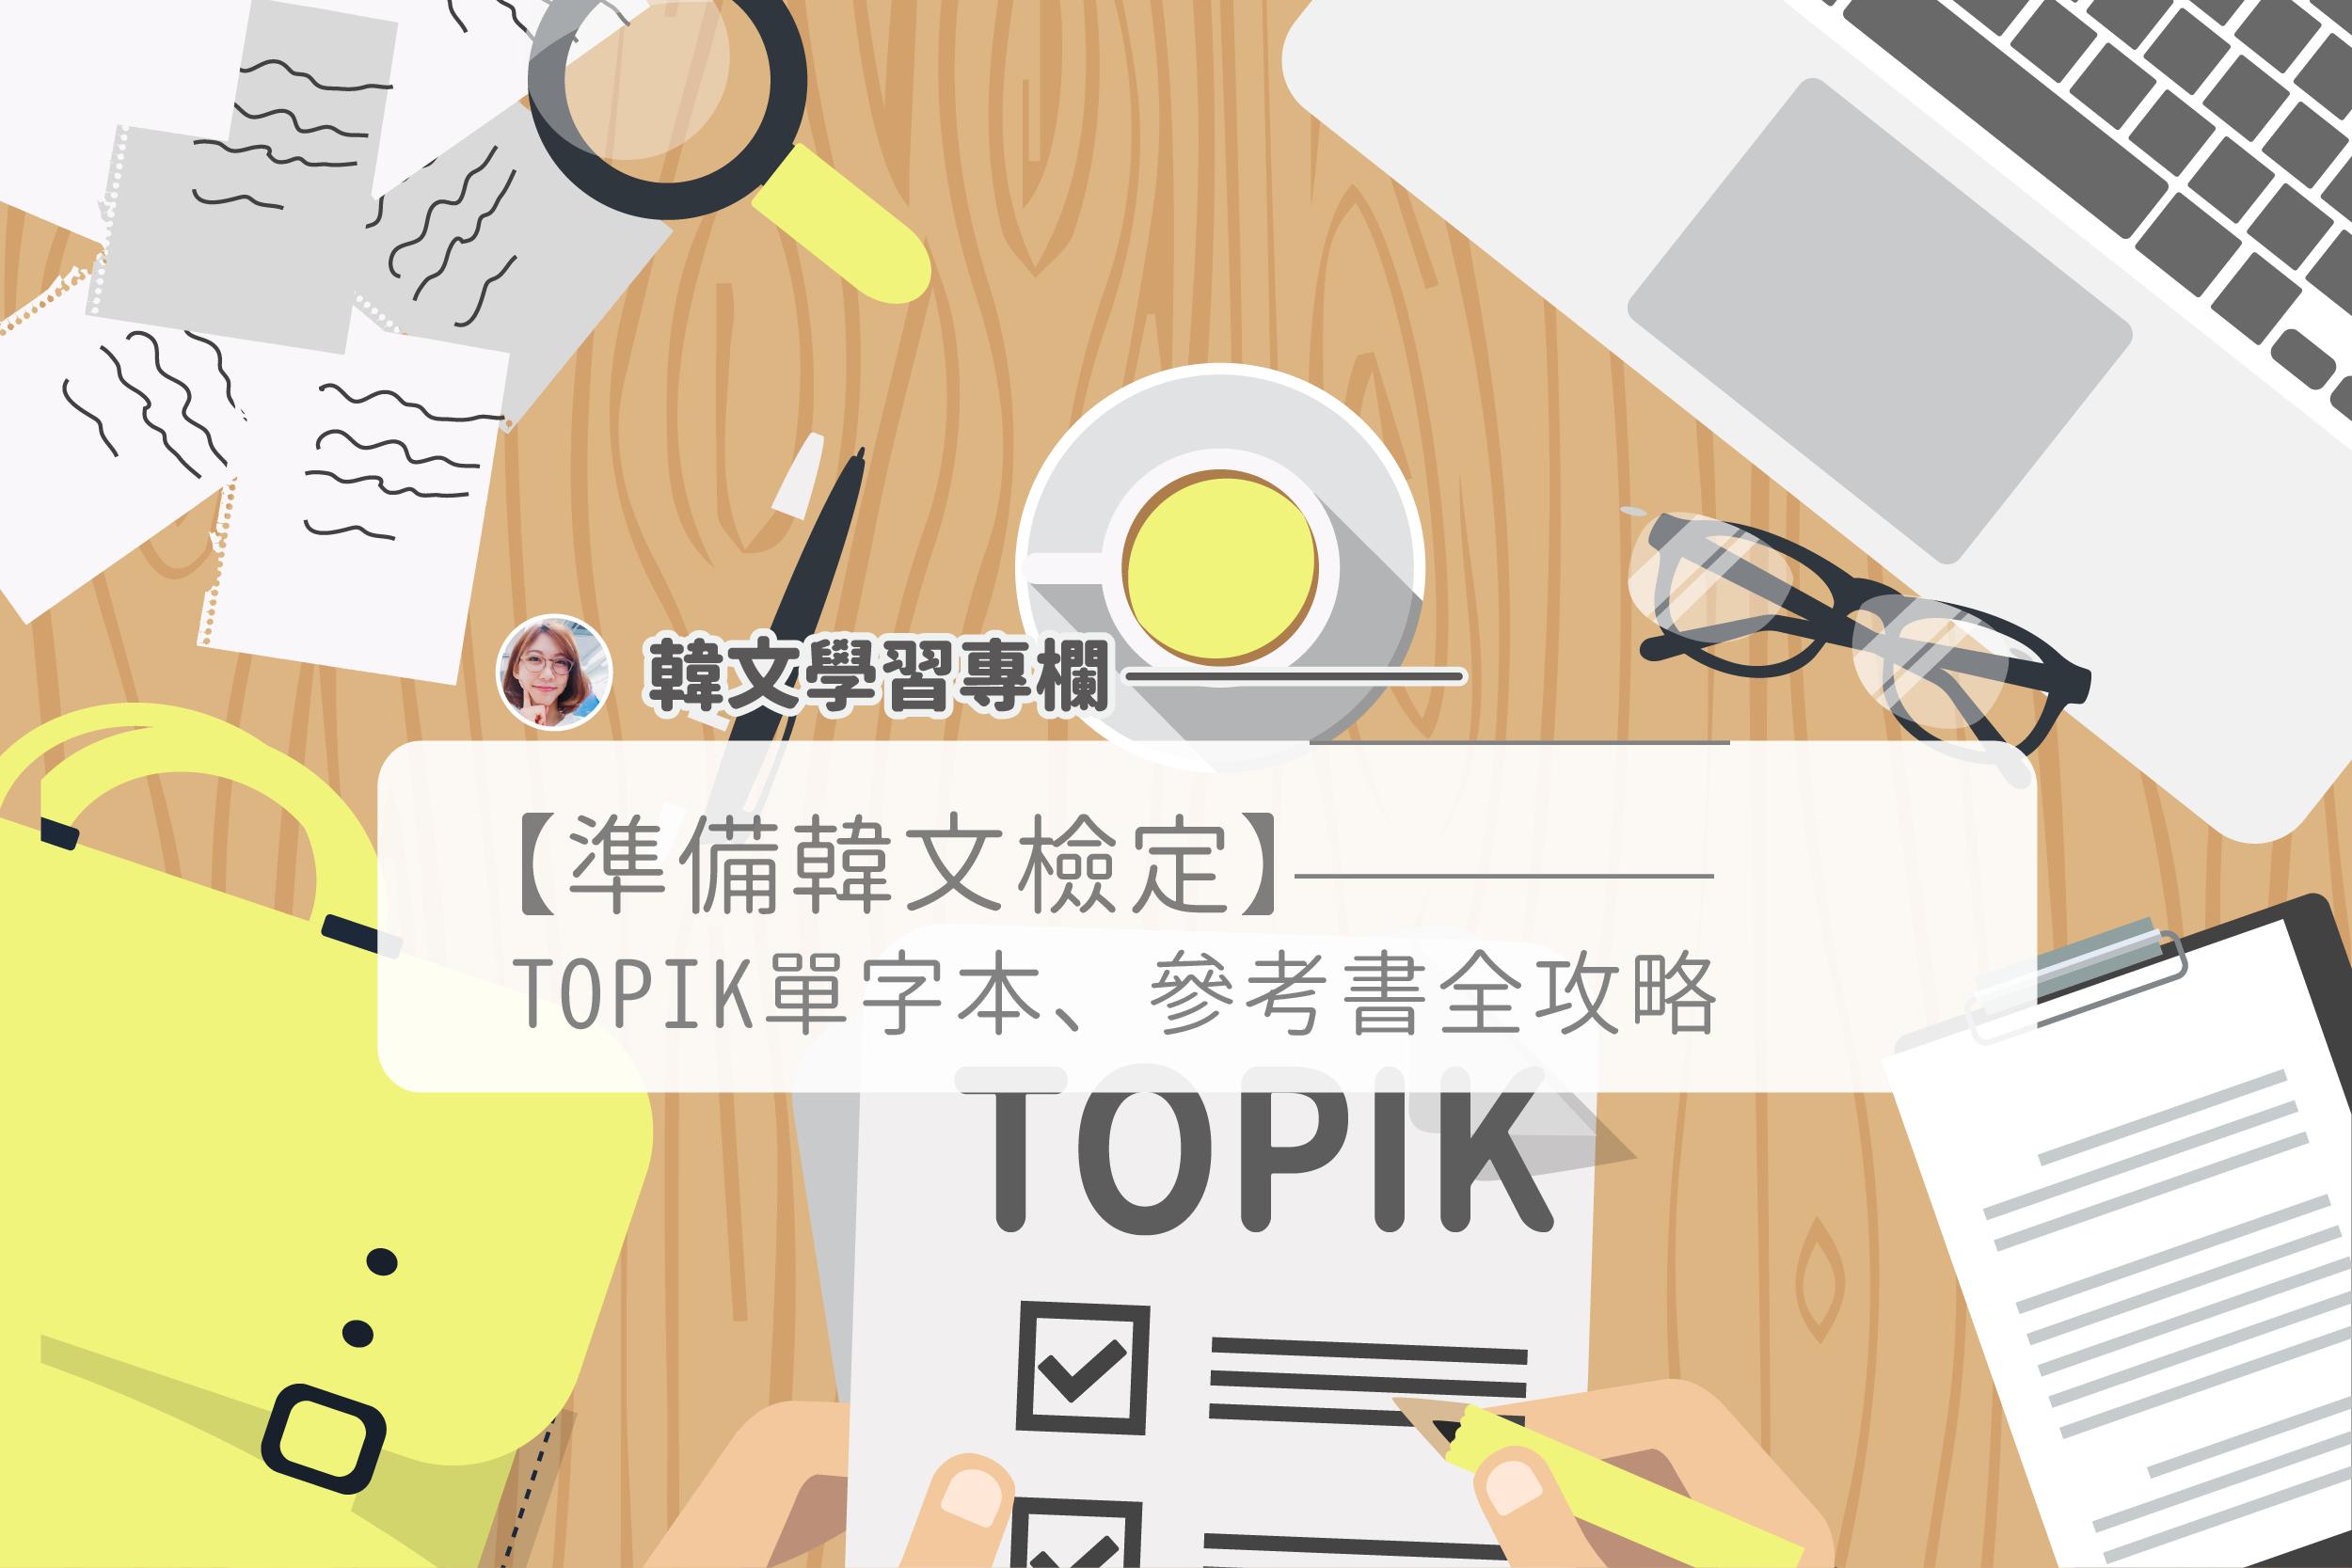 TOPIK單字-01.png